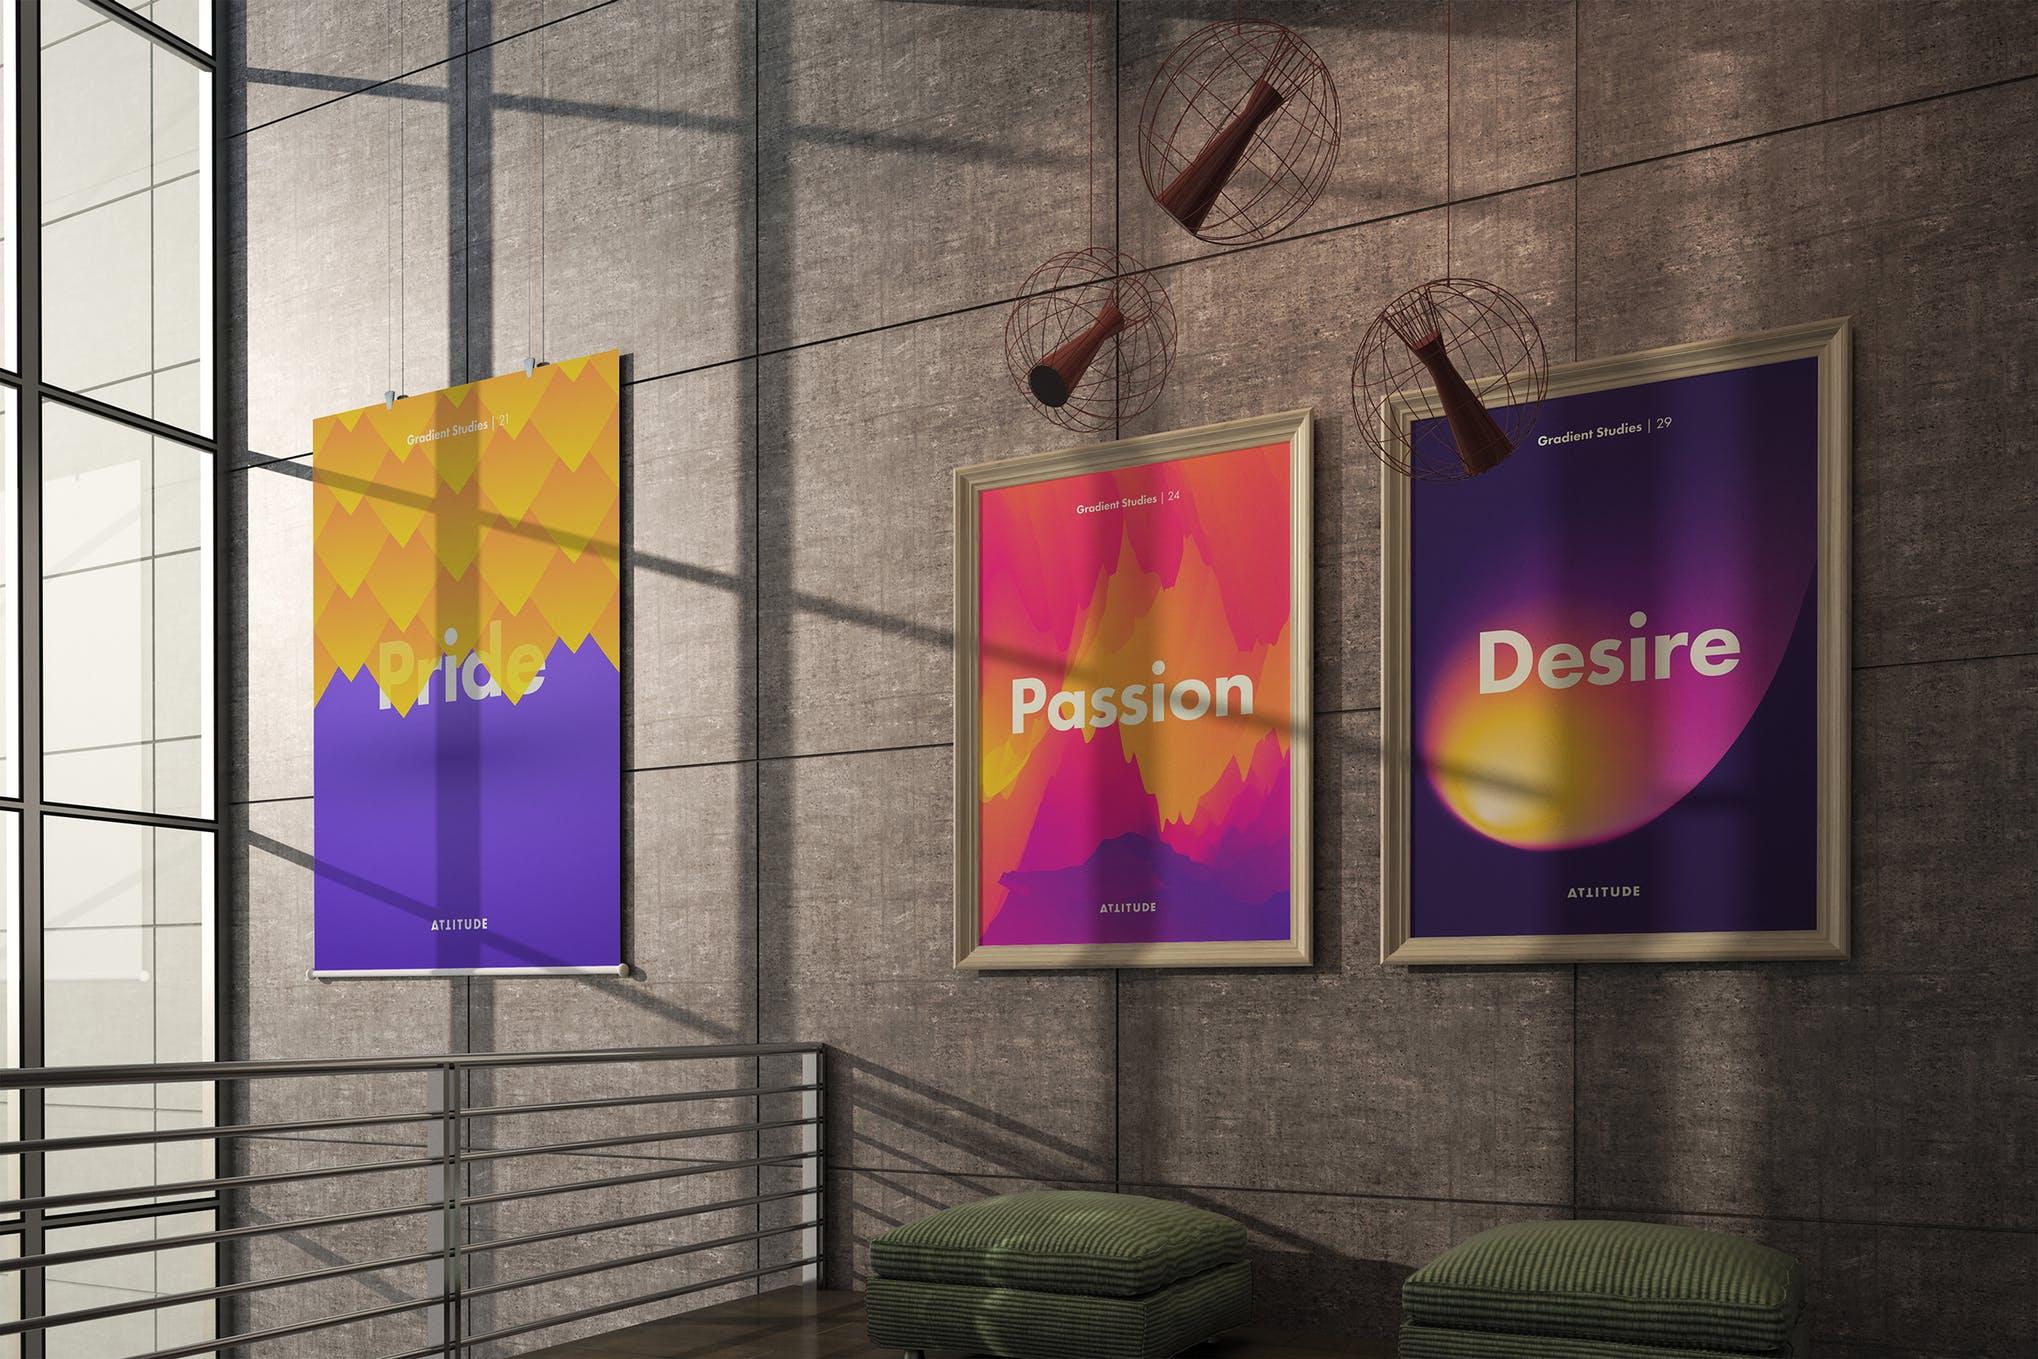 室内走廊相片艺术品海报样机模板 Gallery Mockup 3插图